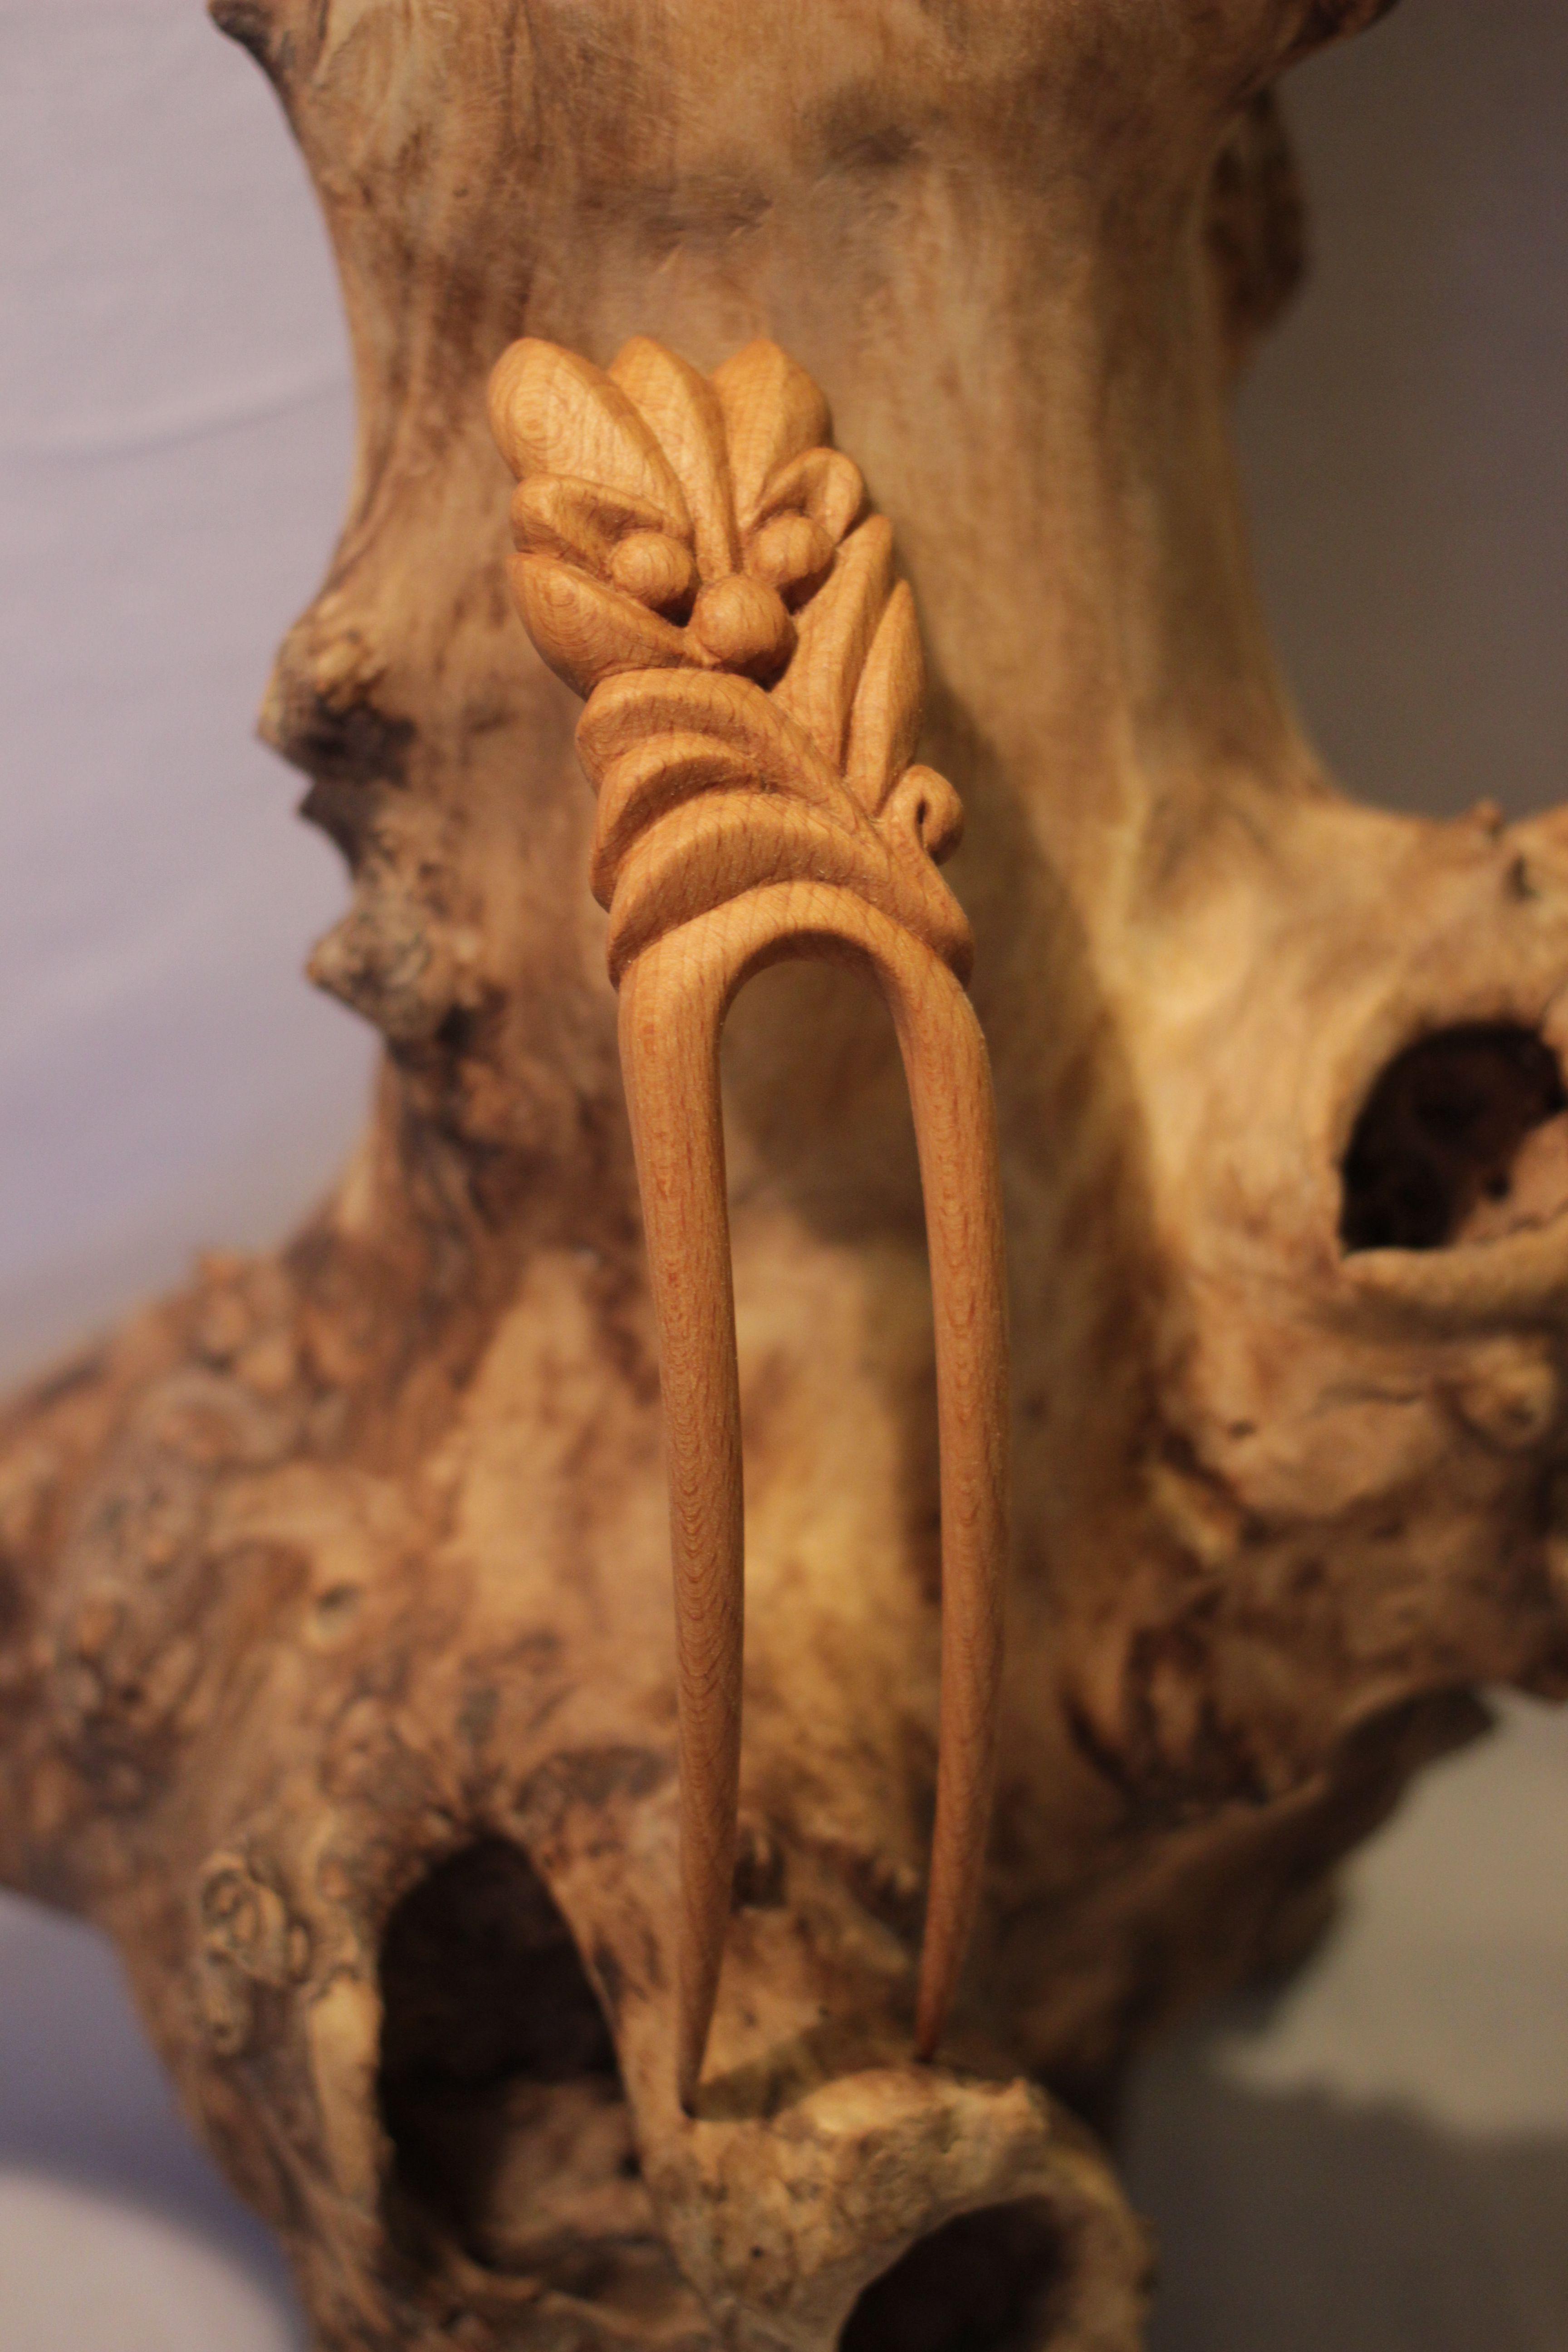 заколказаколка дереварезная заколкадля женщидля волосподарокукрашениедля девушекдереворезьба по из дереву